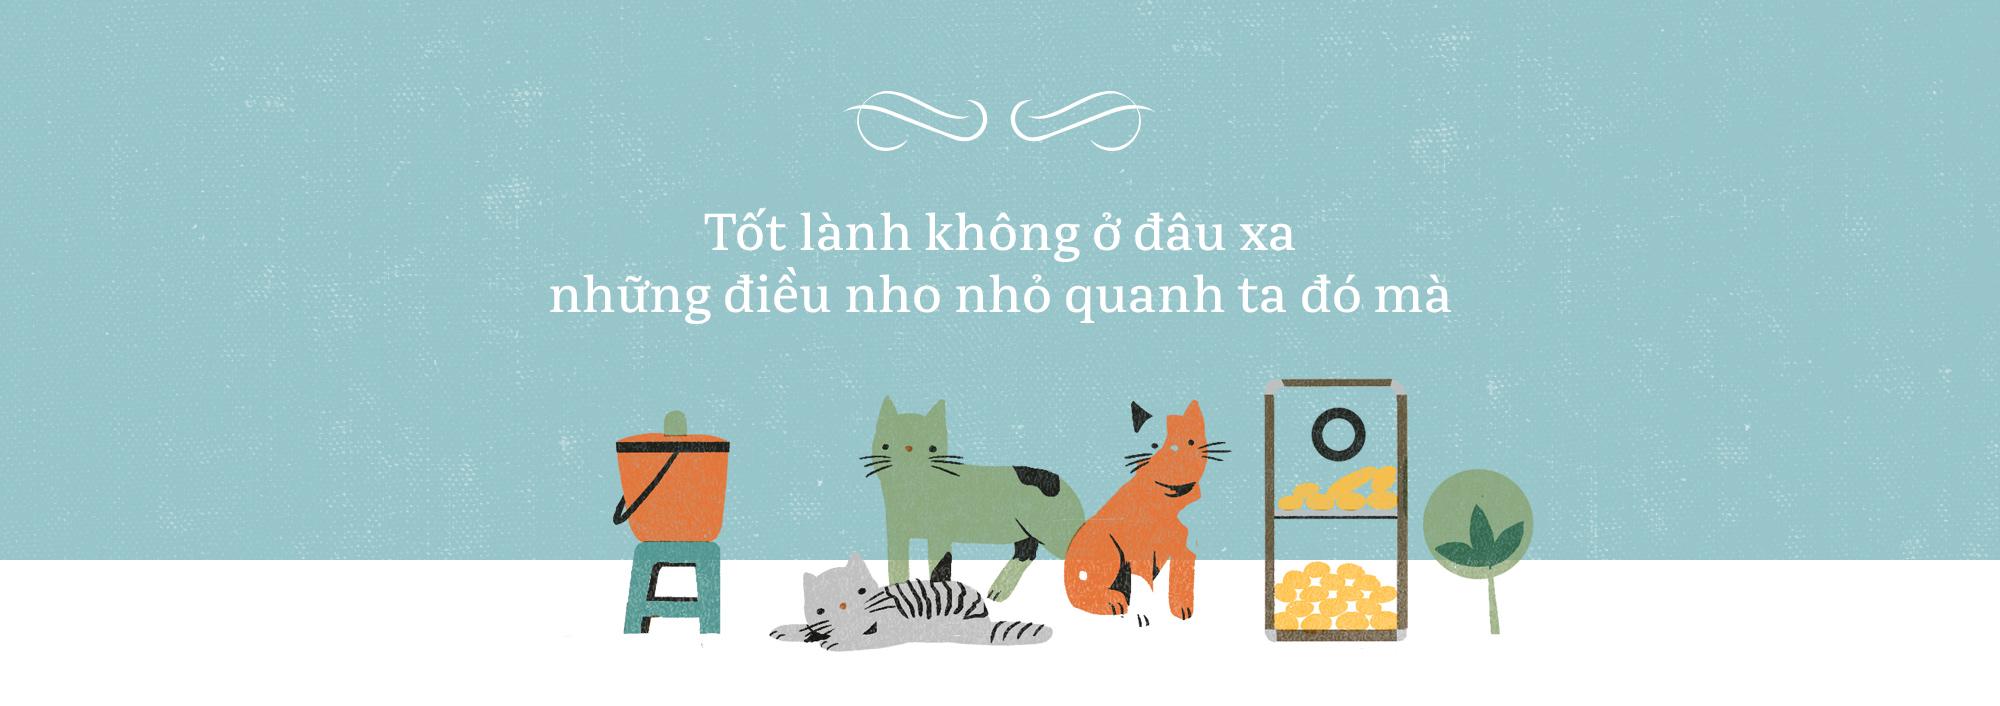 Những mẩu chuyện nhỏ xíu cũng đủ để thấy Sài Gòn dễ thương quá đỗi! - Ảnh 17.